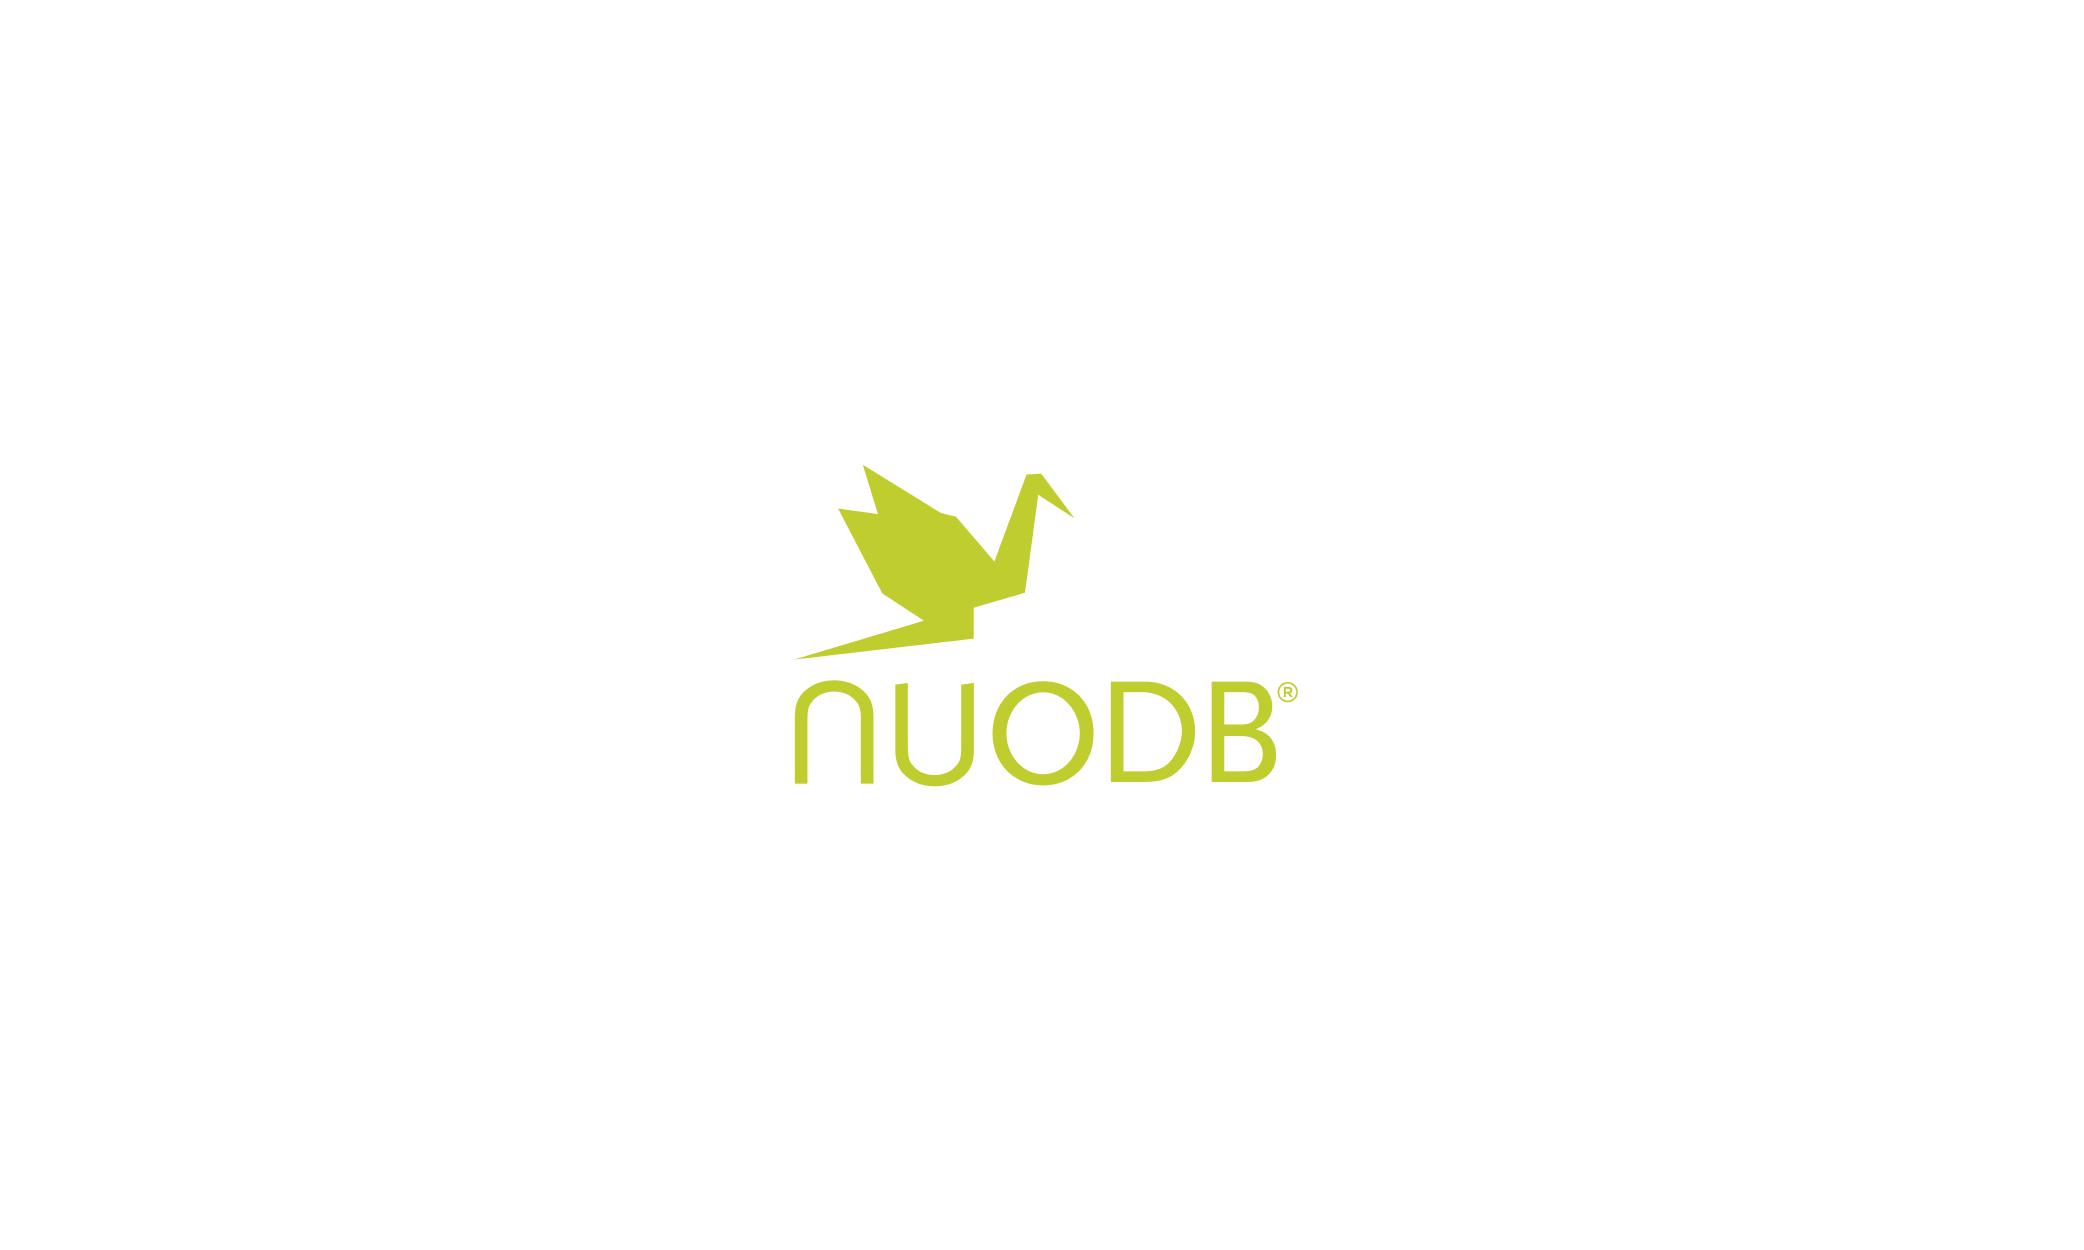 NuoDB-01